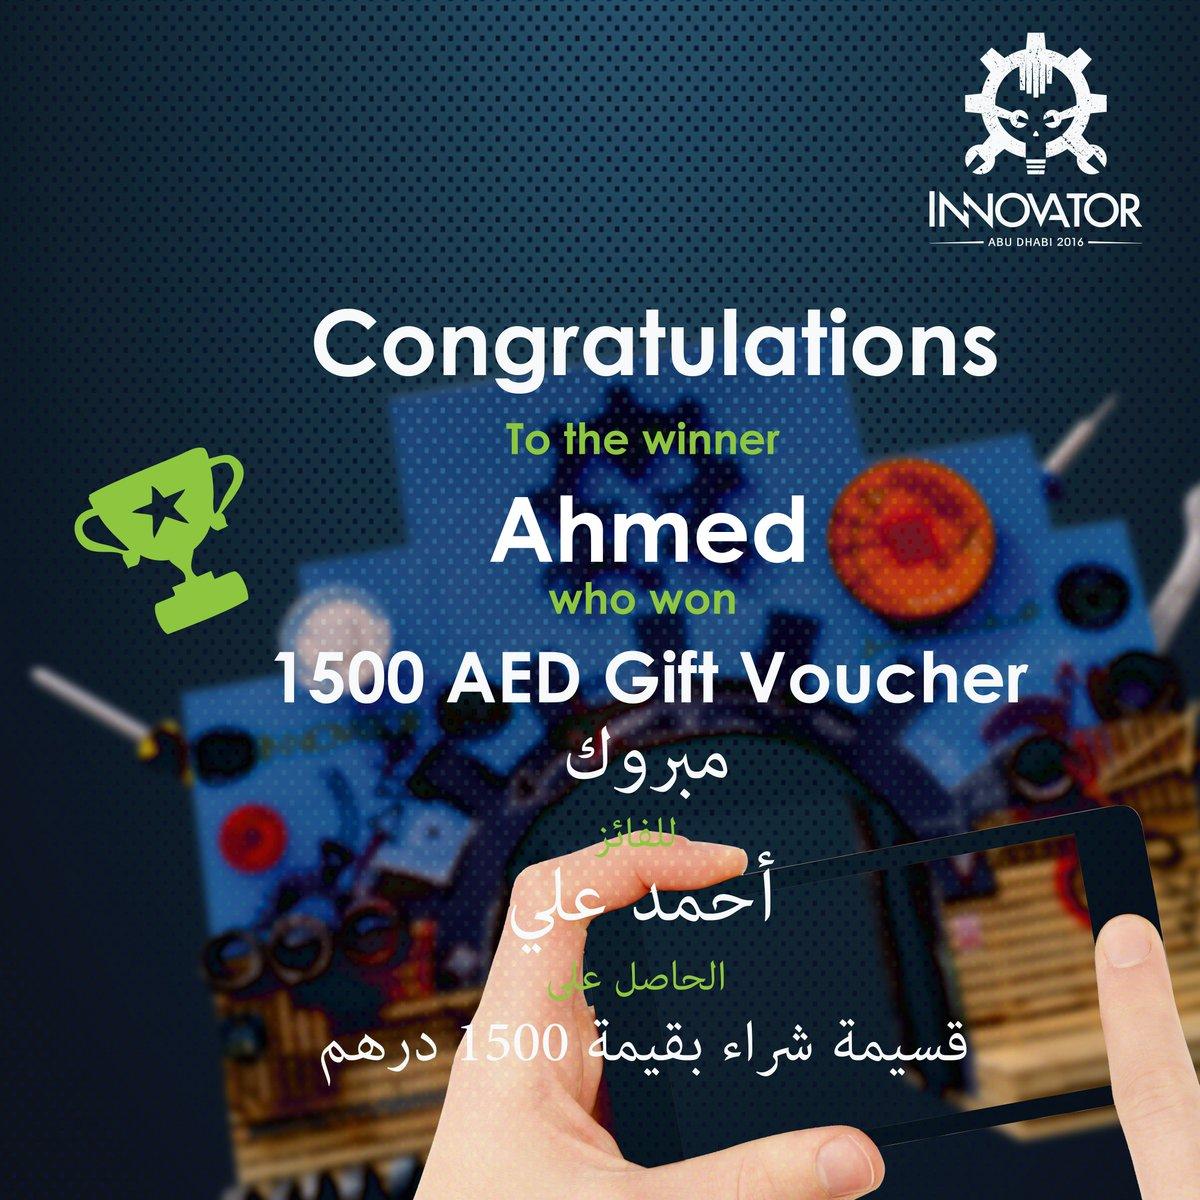 مبروك للفائز أحمد علي والذي شارك معنا في مسابقة الهاشتاغ حيث حصل على قسيمة شراء بقيمة 1500 درهم! https://t.co/ntDCnsKkI5